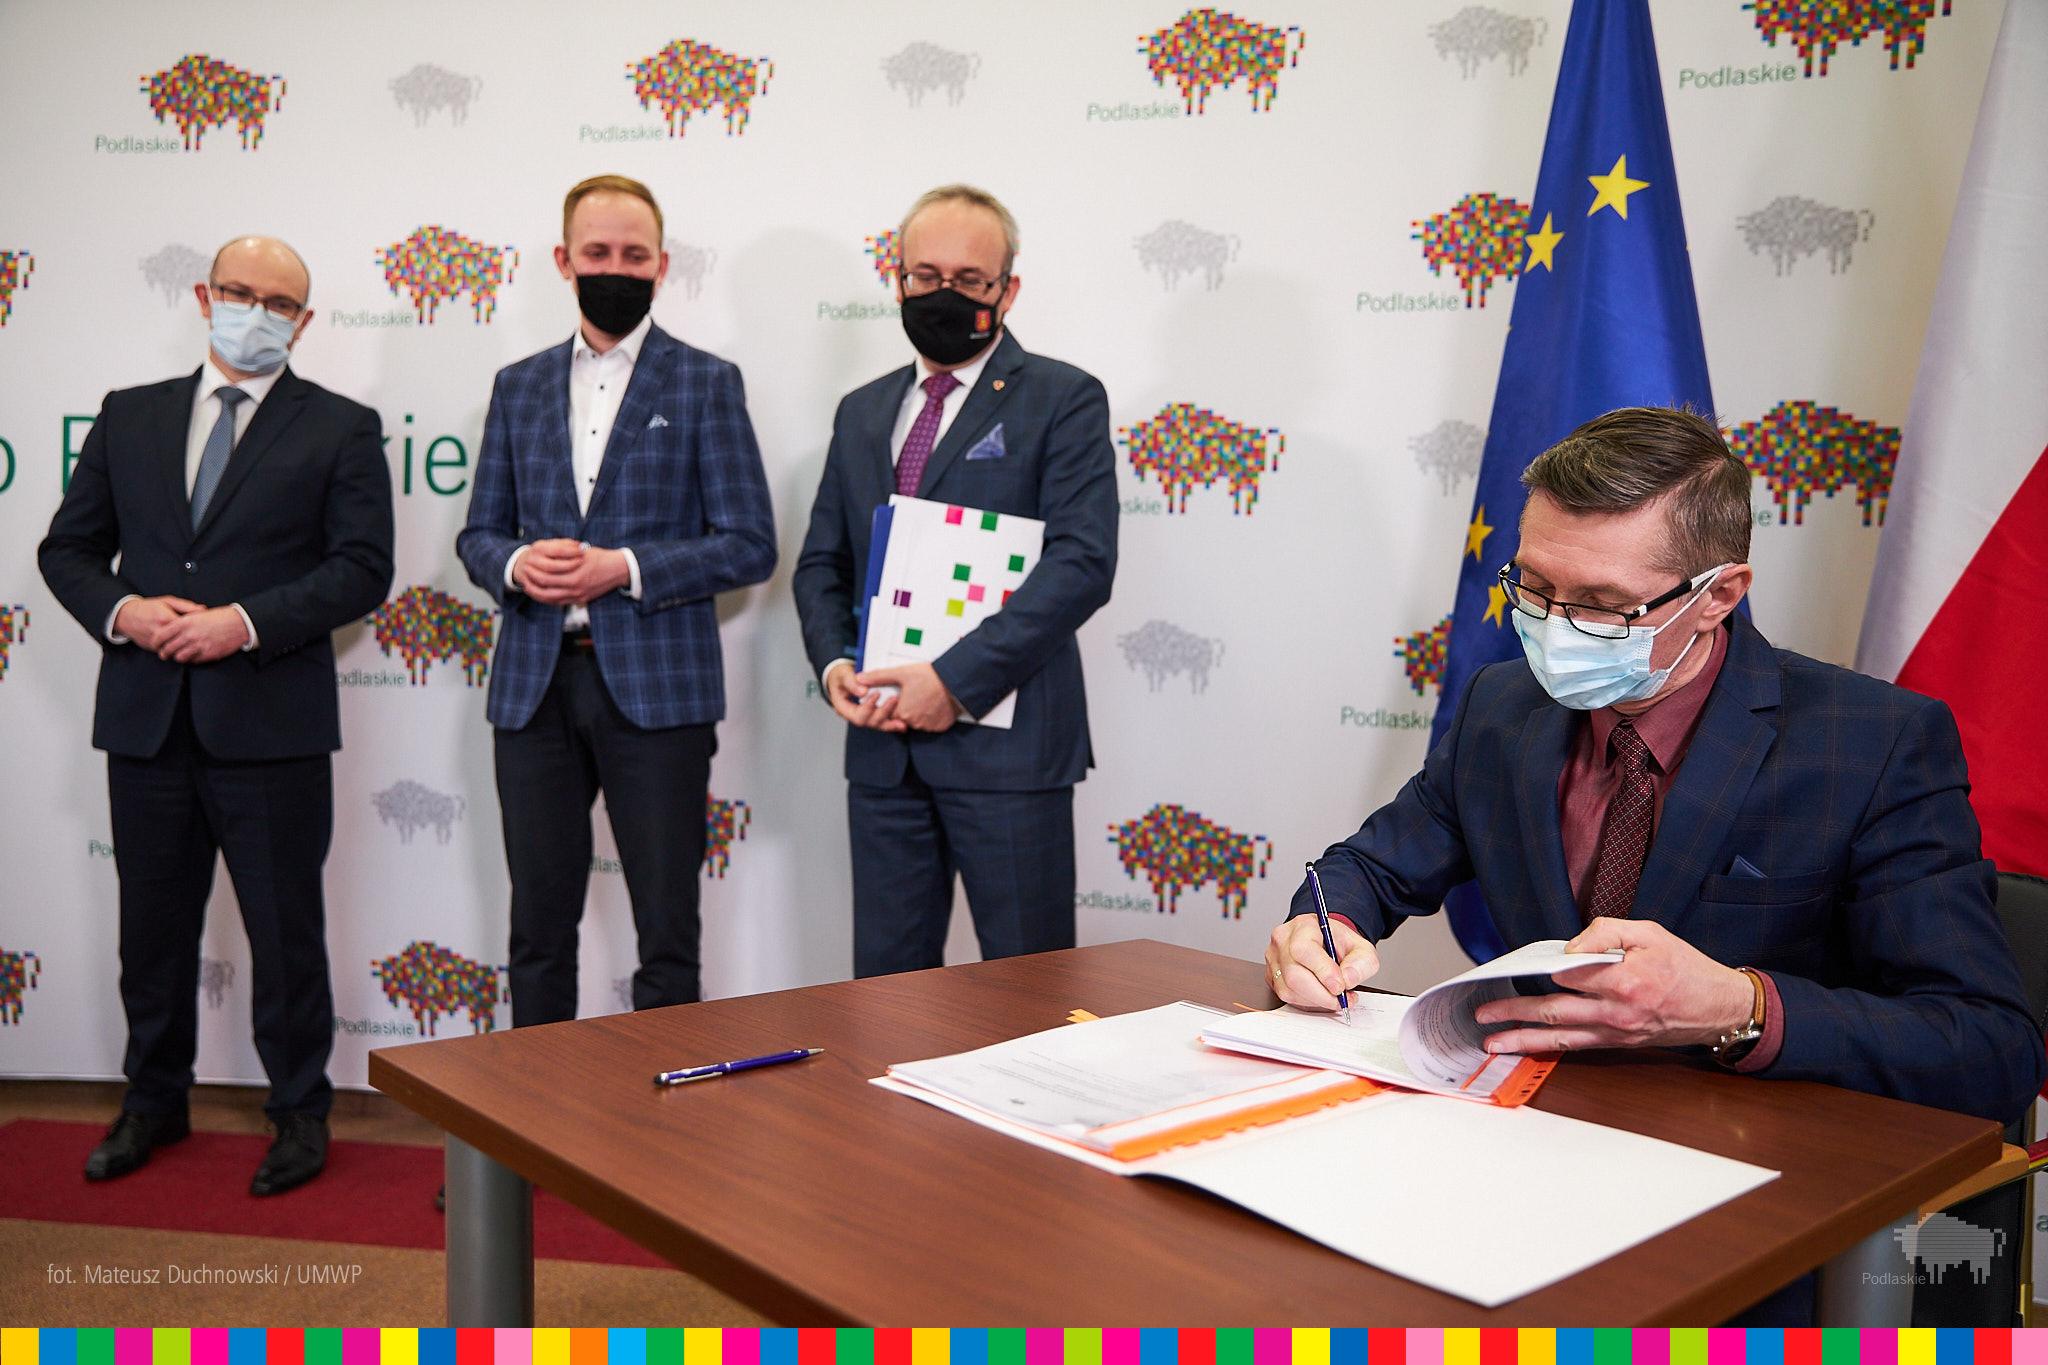 Mężczyzna podpisuje mowę. Na drugim planie stoi trzech mężczyzn na tle ścianki urzędu marszałkowskiego w Białymstoku. Za podpisującym mężczyzną znajduje się flaga Polski oraz Unii Europejskiej